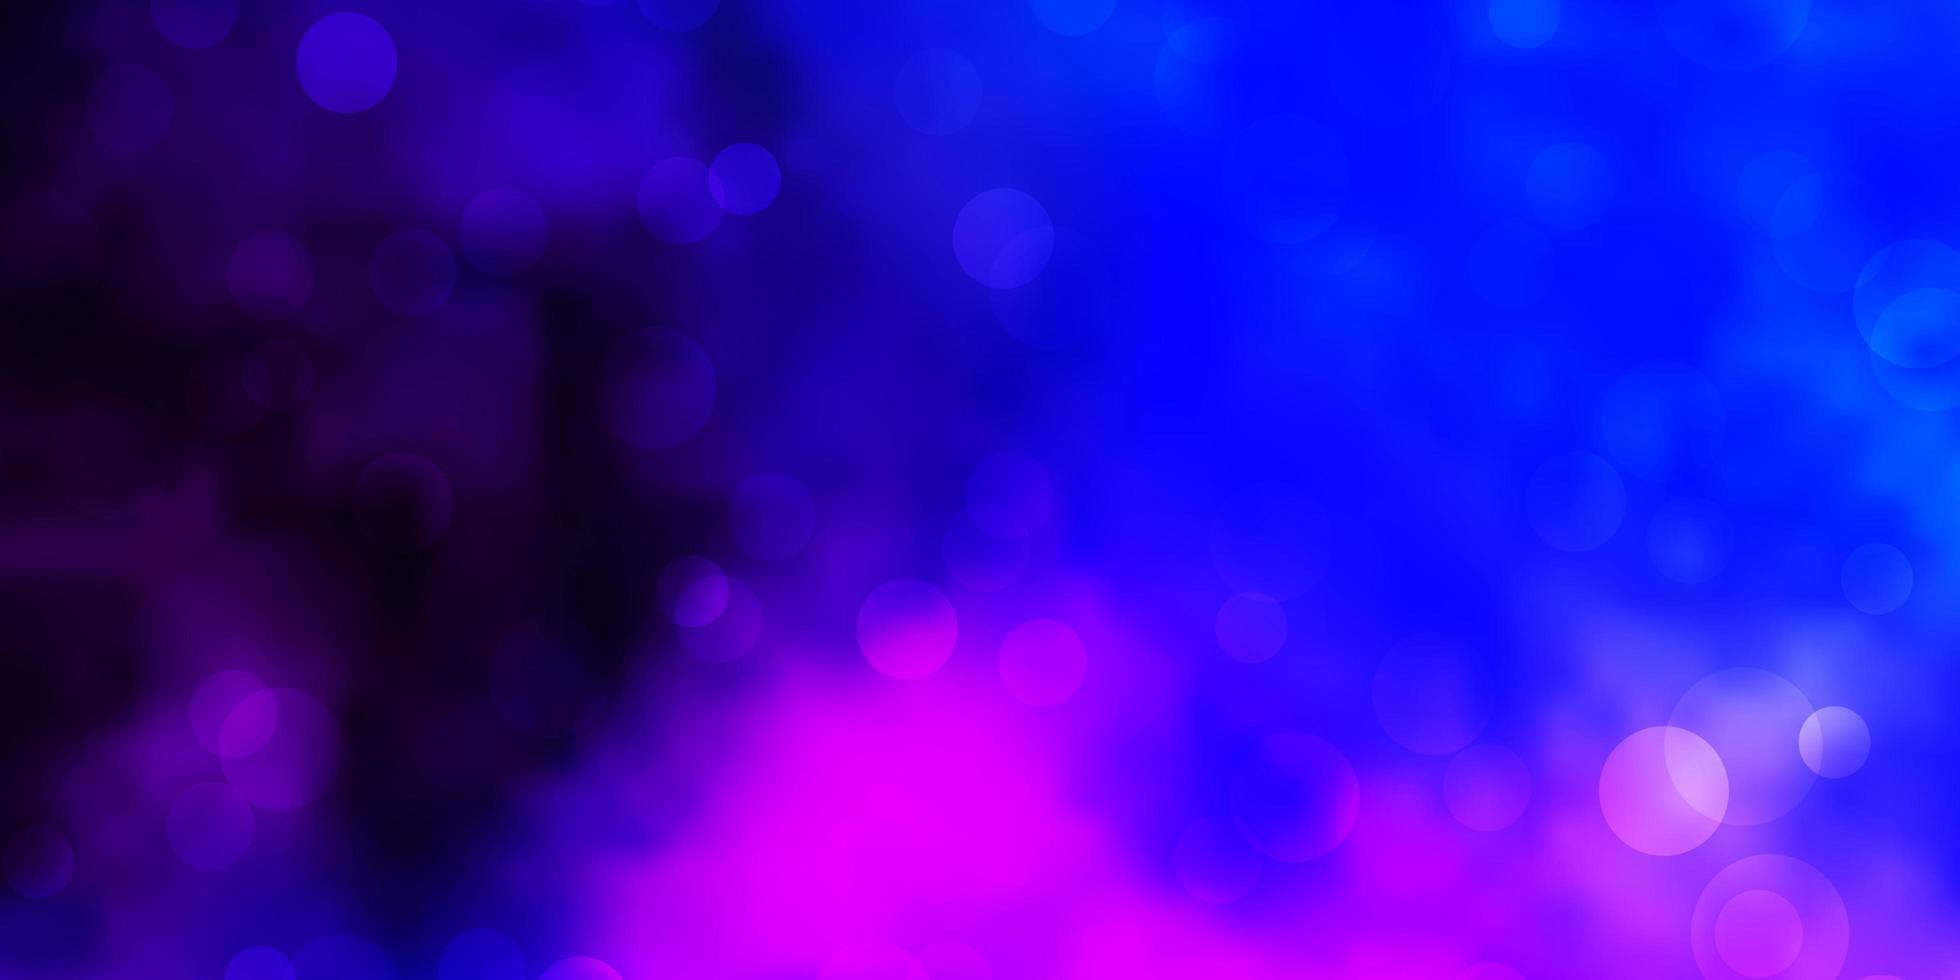 dunkelrosa, blaue Vektorbeschaffenheit mit Kreisen. vektor